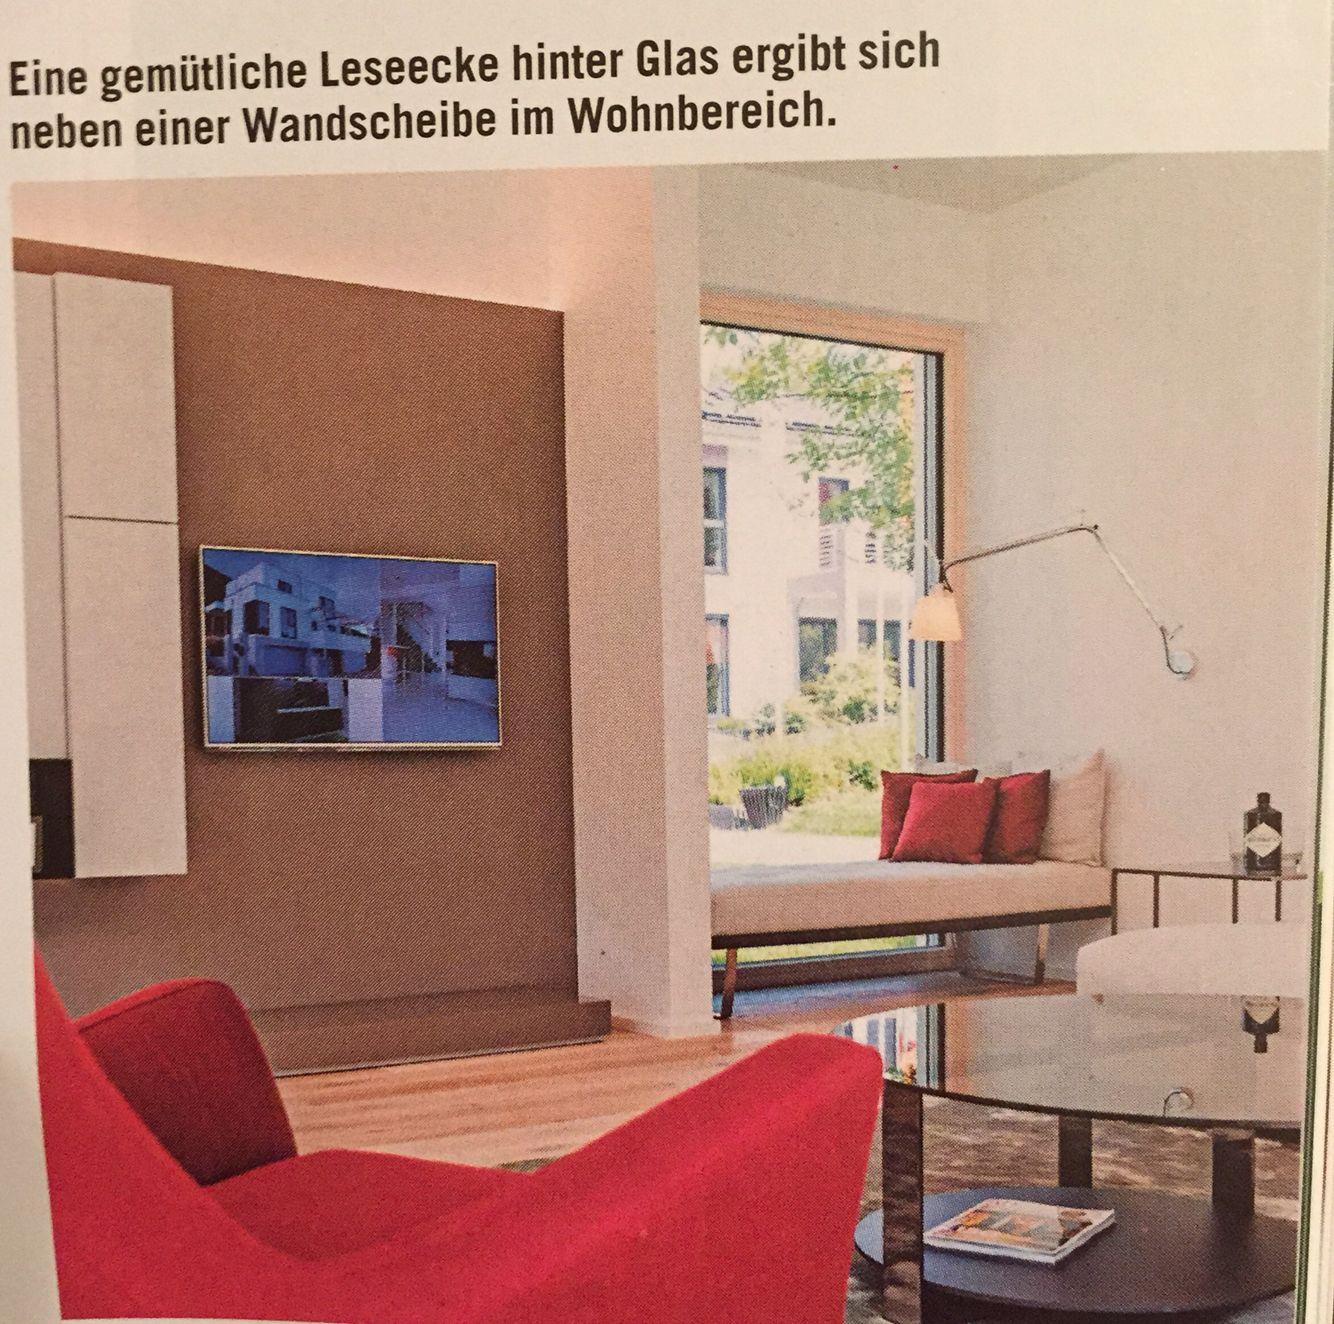 Leseecke hinter Glas | Unser Haus - Leseecke | Pinterest | Glas und ...